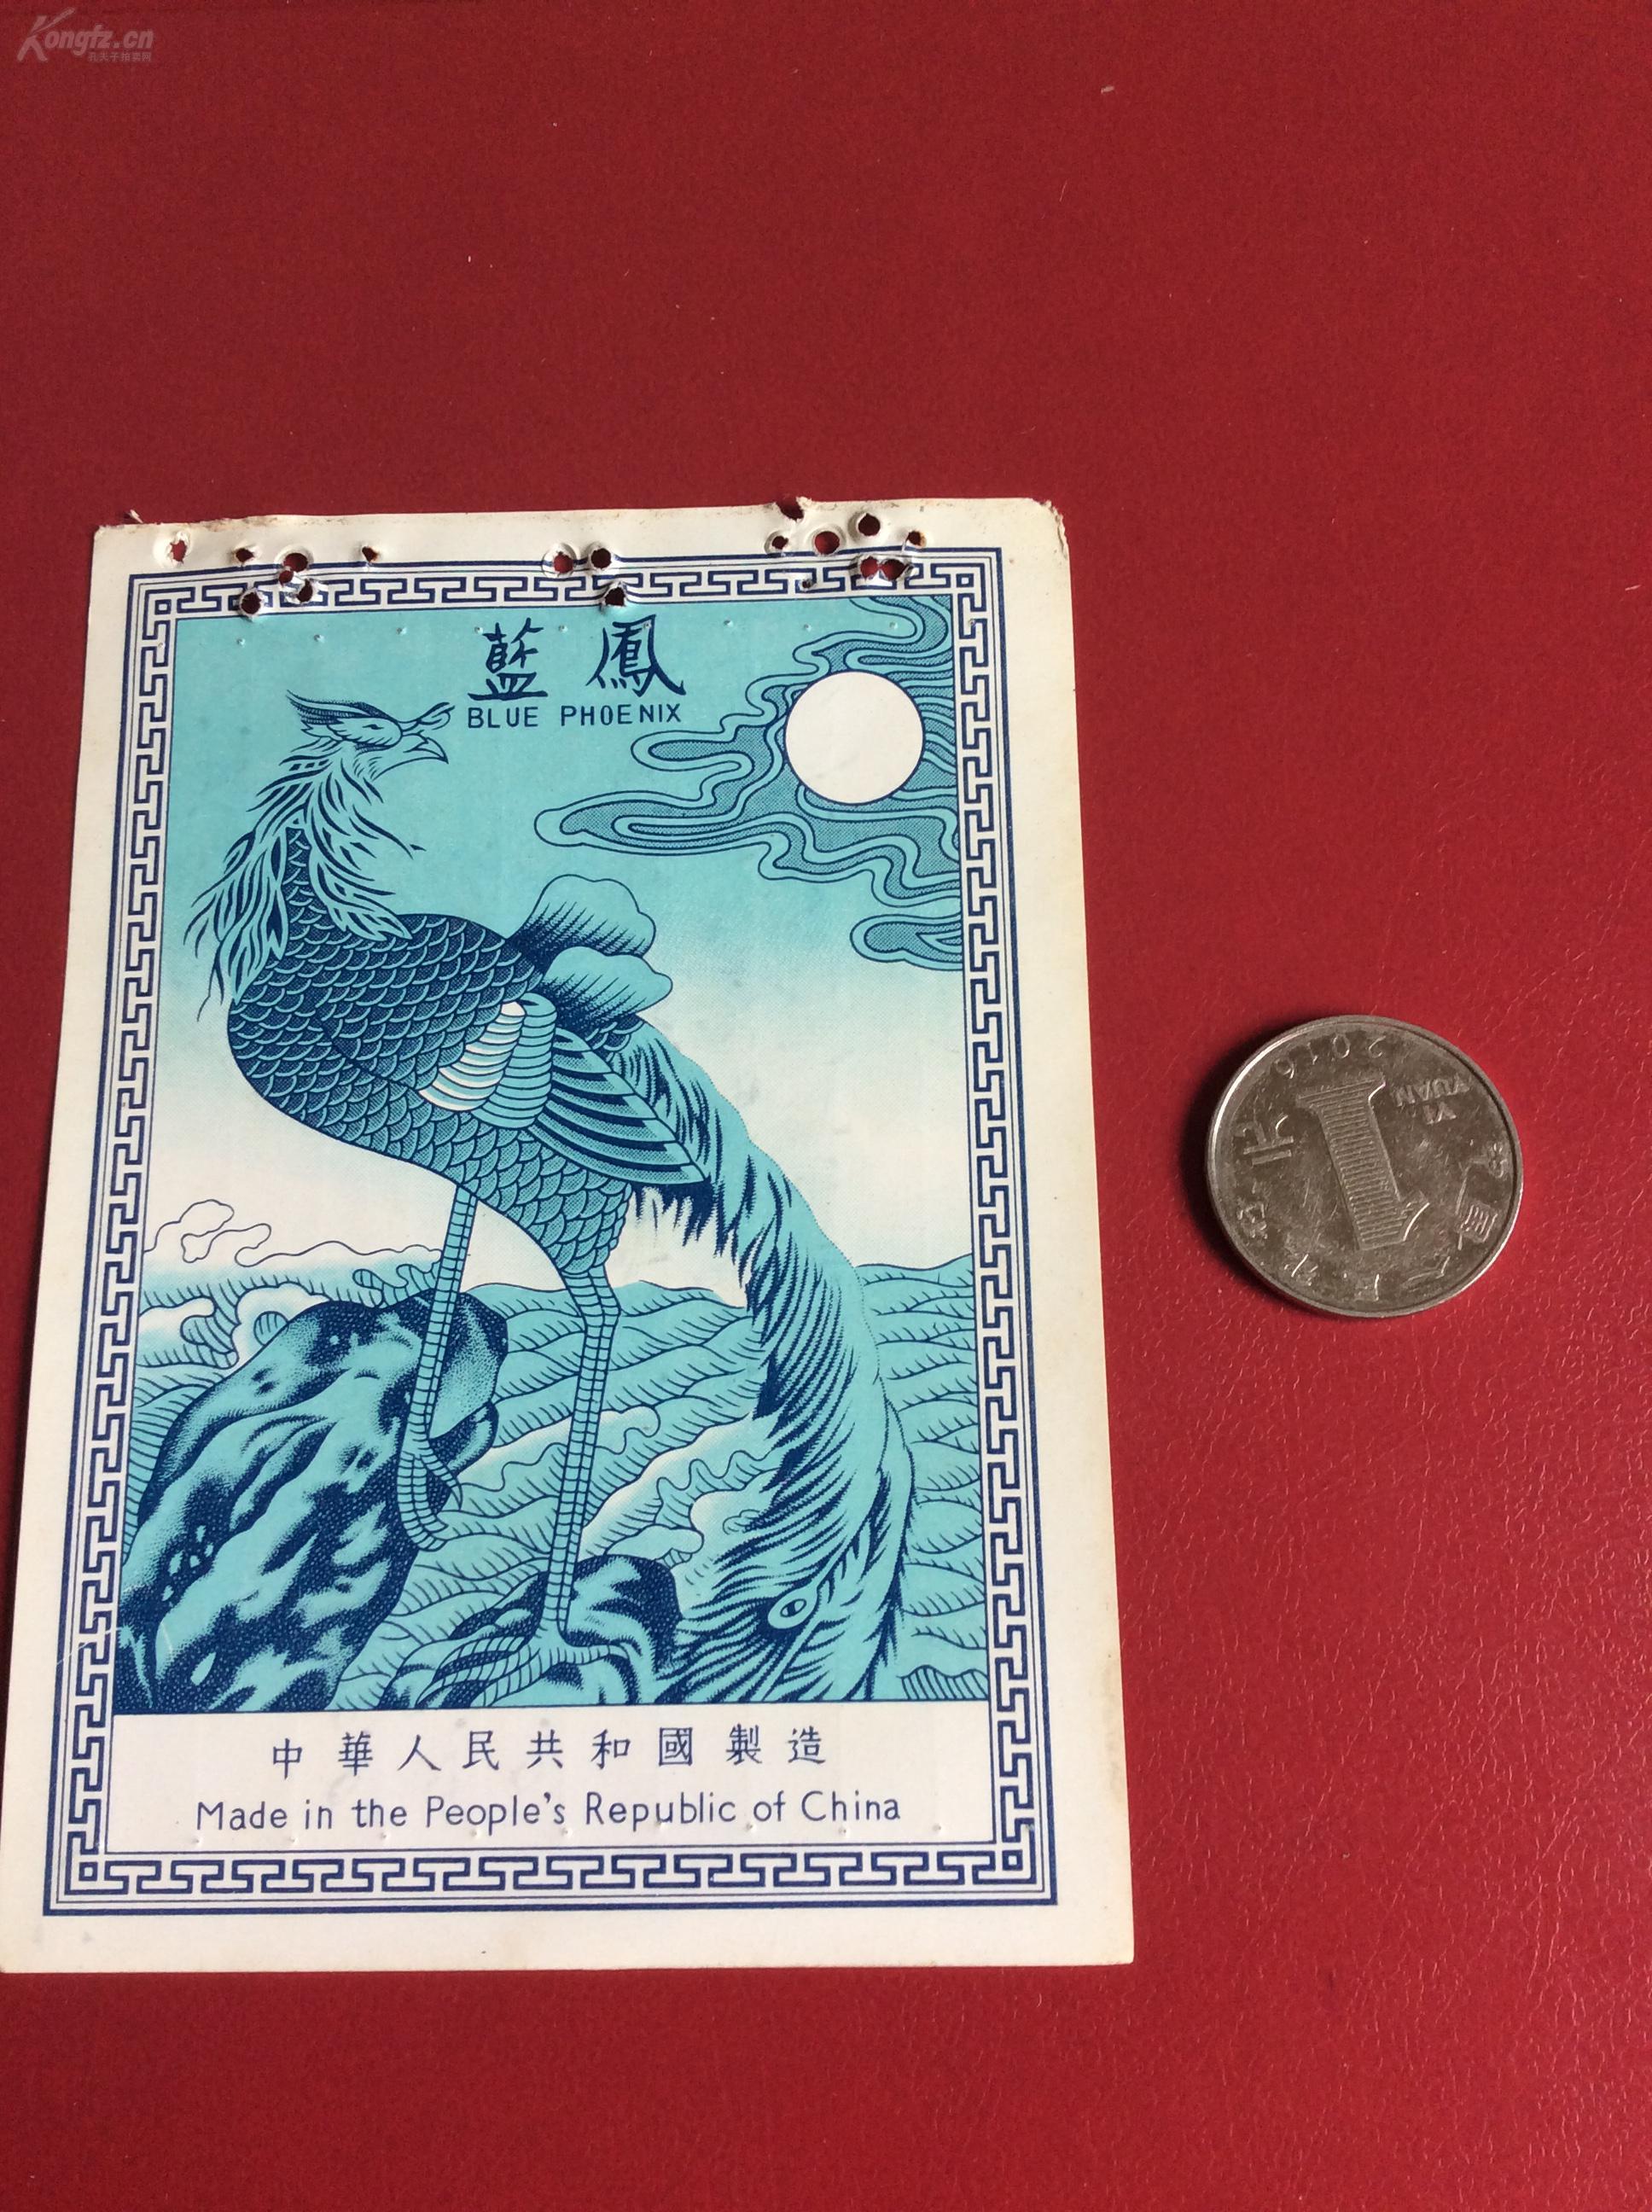 60年代老商标---蓝凤 (出口品牌,中英文,繁体!图案漂亮)图片